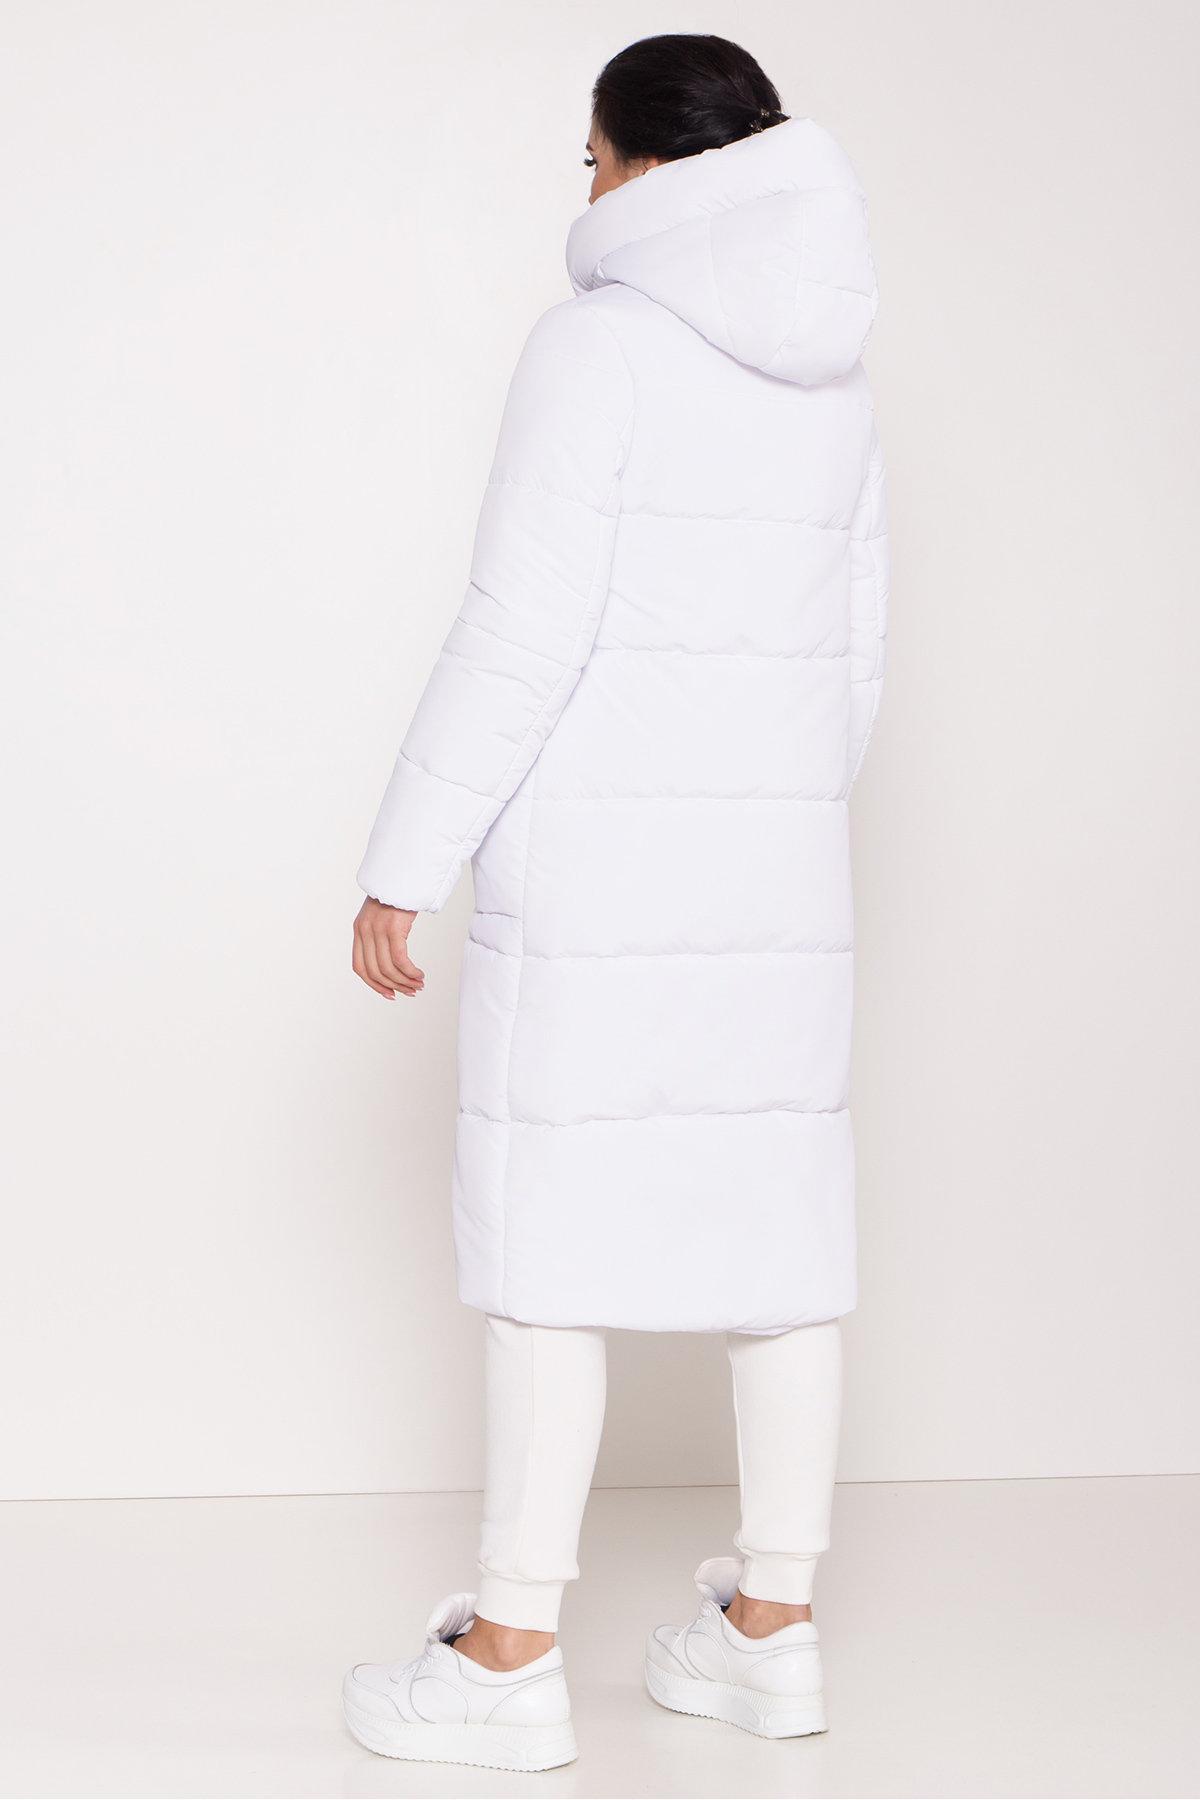 Удлиненный пуховик с накладными карманами Бланка 8622 АРТ. 44960 Цвет: Белый - фото 3, интернет магазин tm-modus.ru